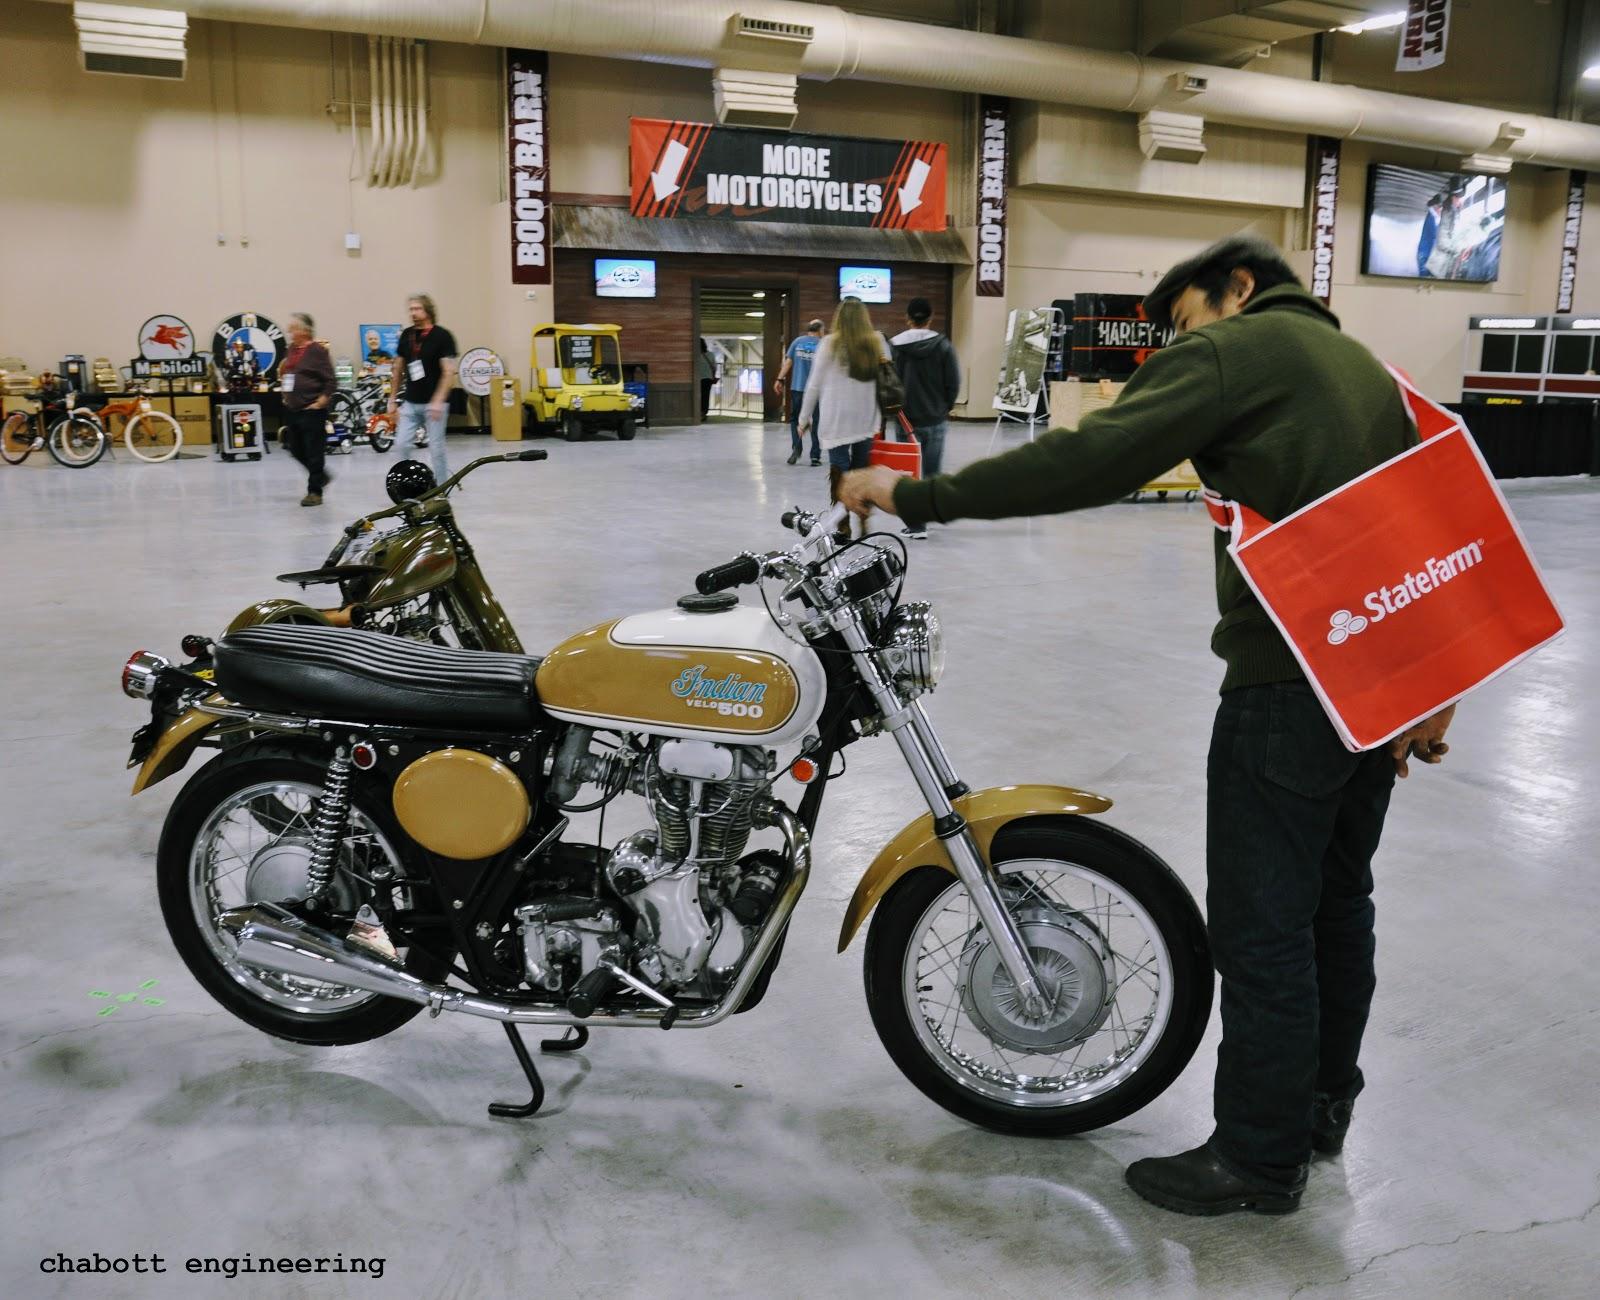 shinya kimura @ chabott engineering: MECUM auction in Las Vegas...